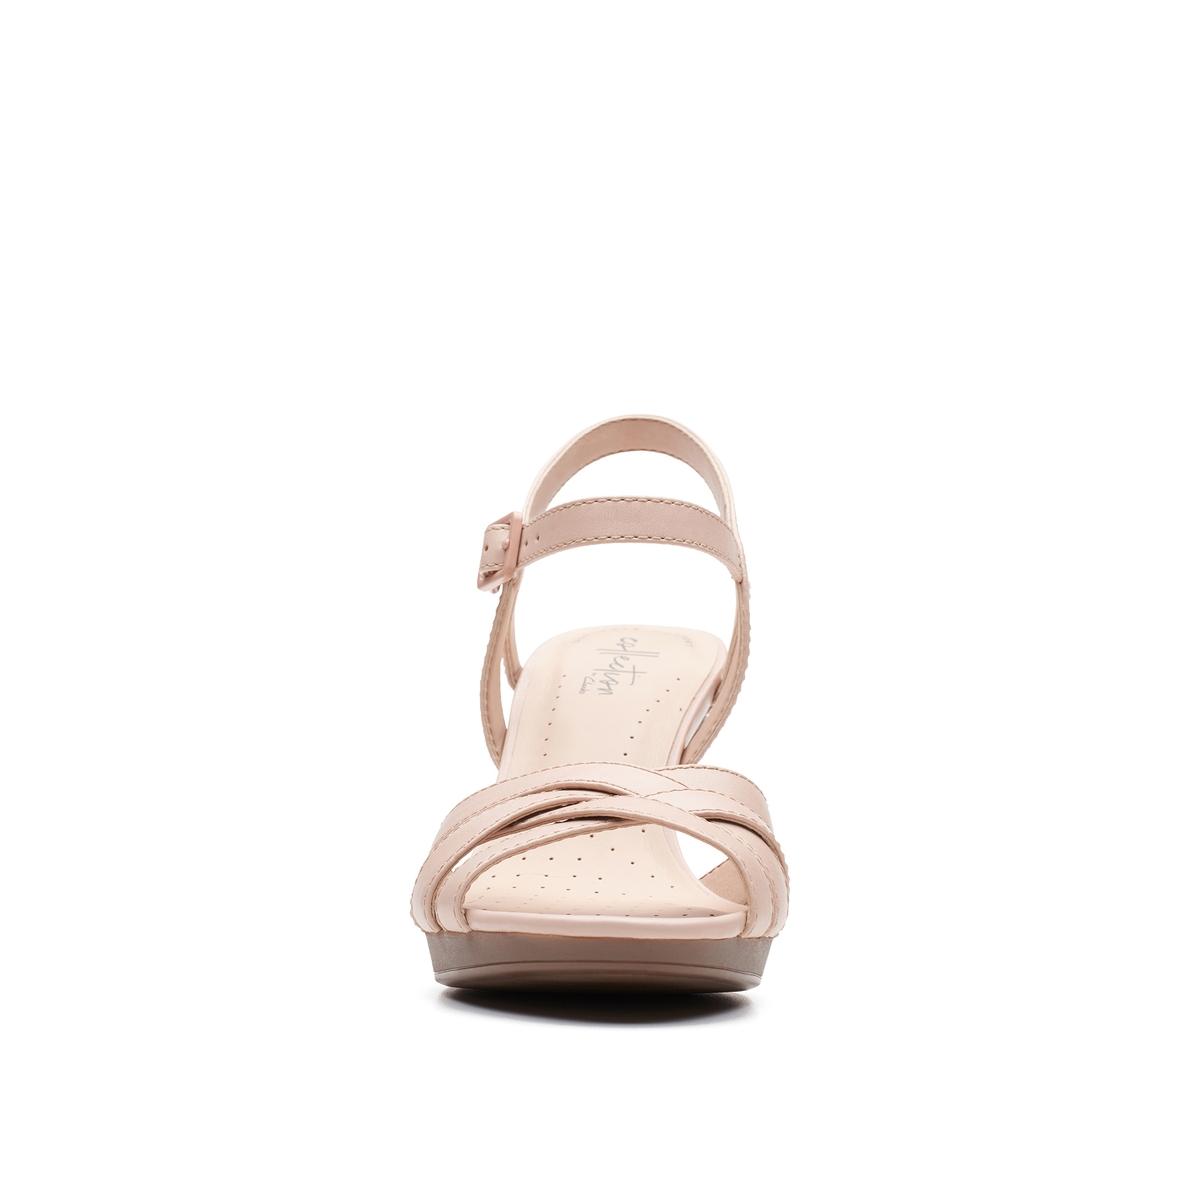 Imagen secundaria de producto de Sandalias de piel Adriel Wavy 2 - Clarks